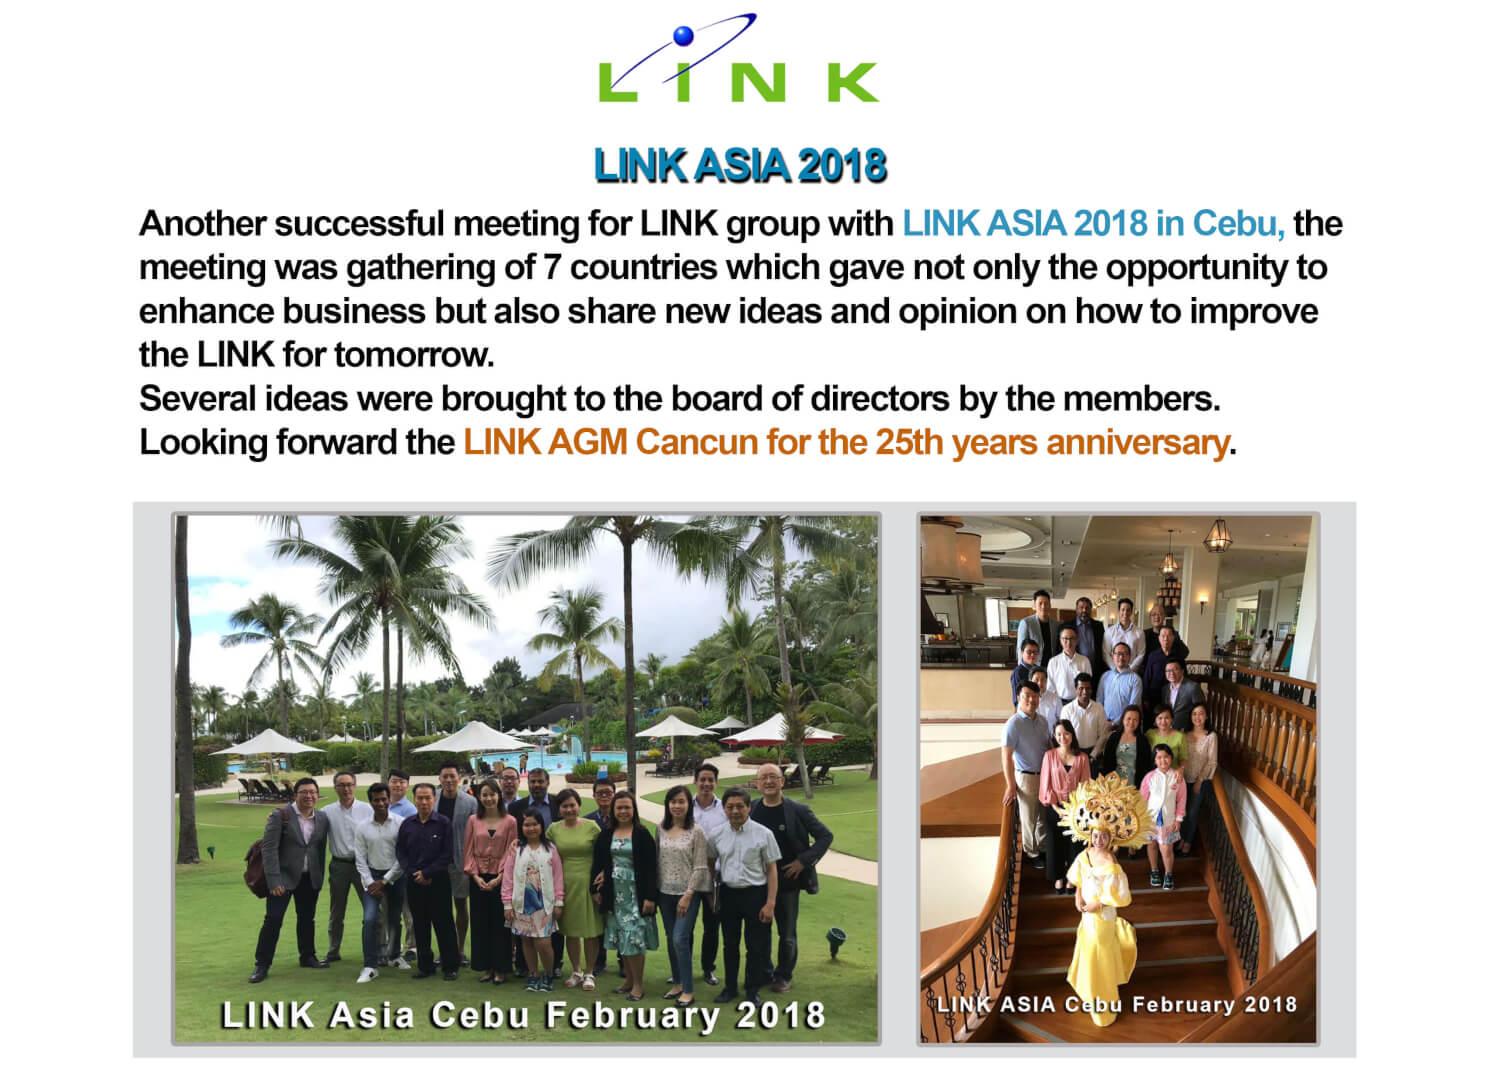 linkGlobal